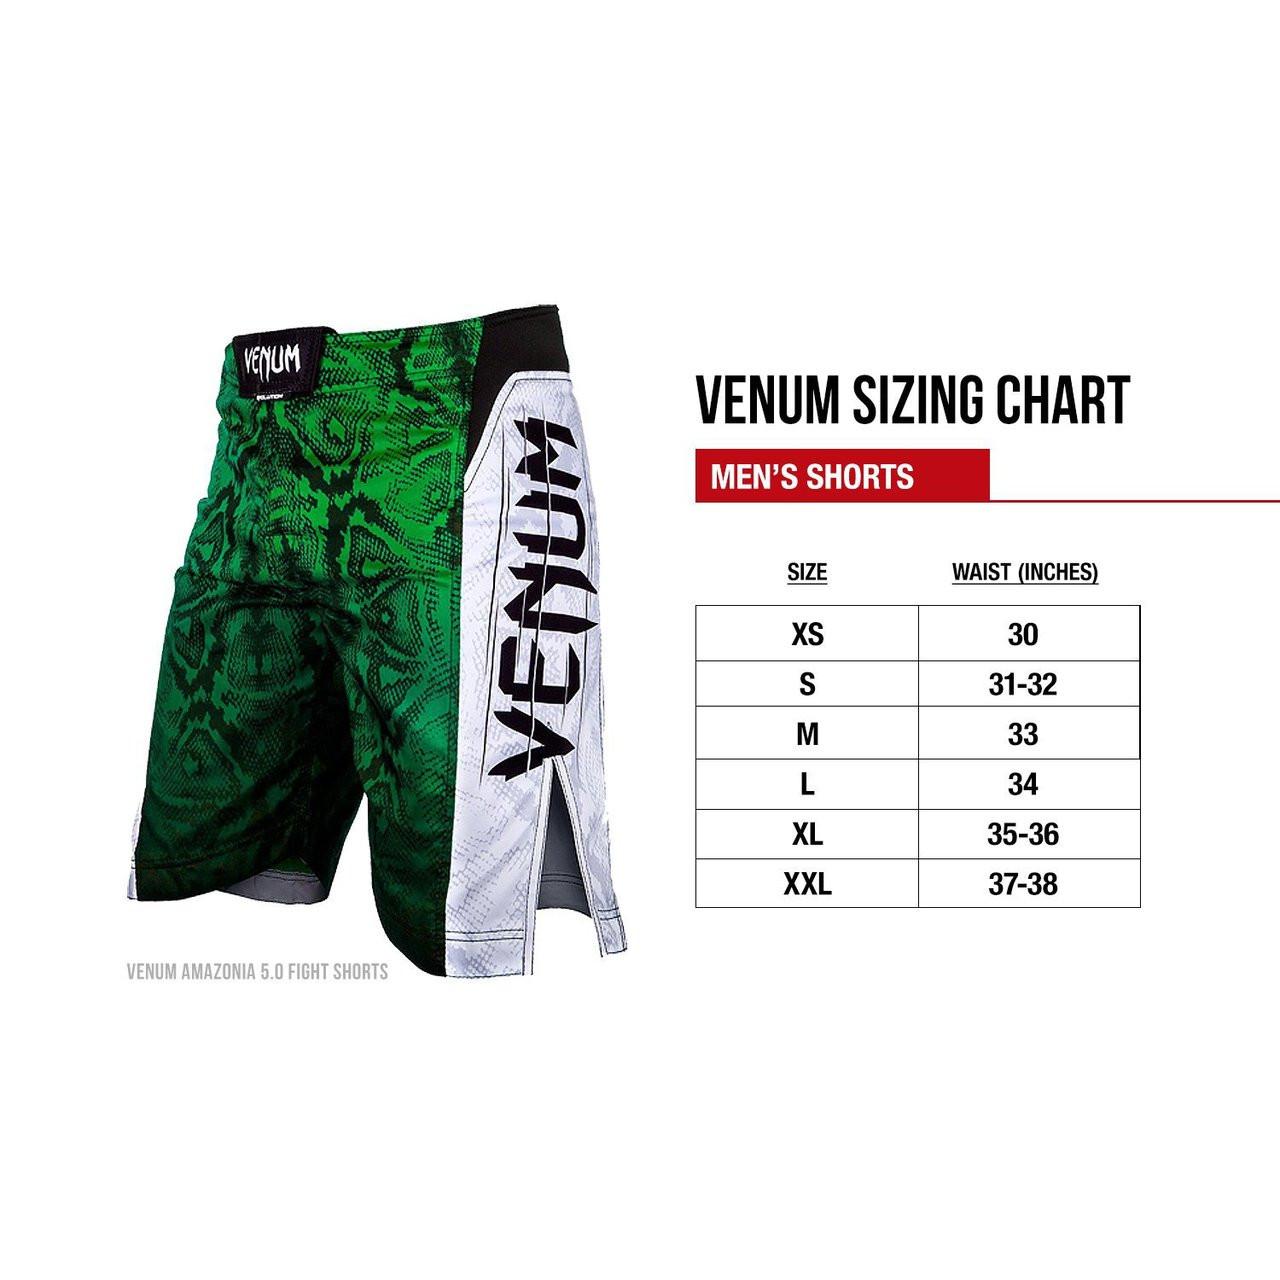 Venum amazonia fight shorts size chart from thejiujitsushop enjoy free shipping also black the jiu jitsu shop rh